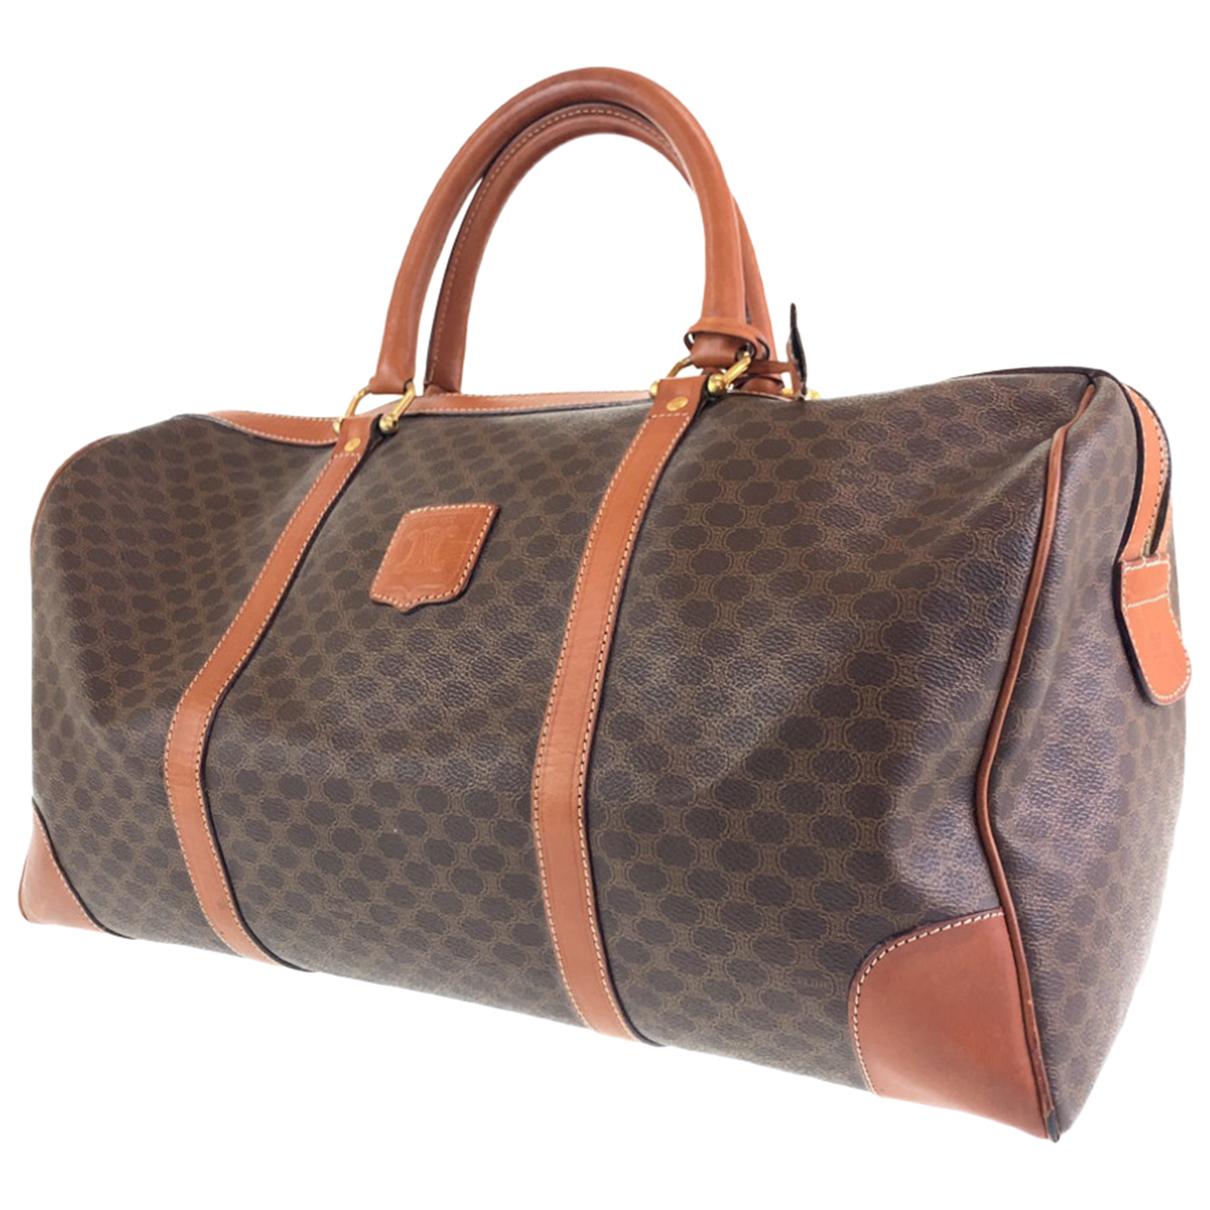 Celine N Travel bag for Women N